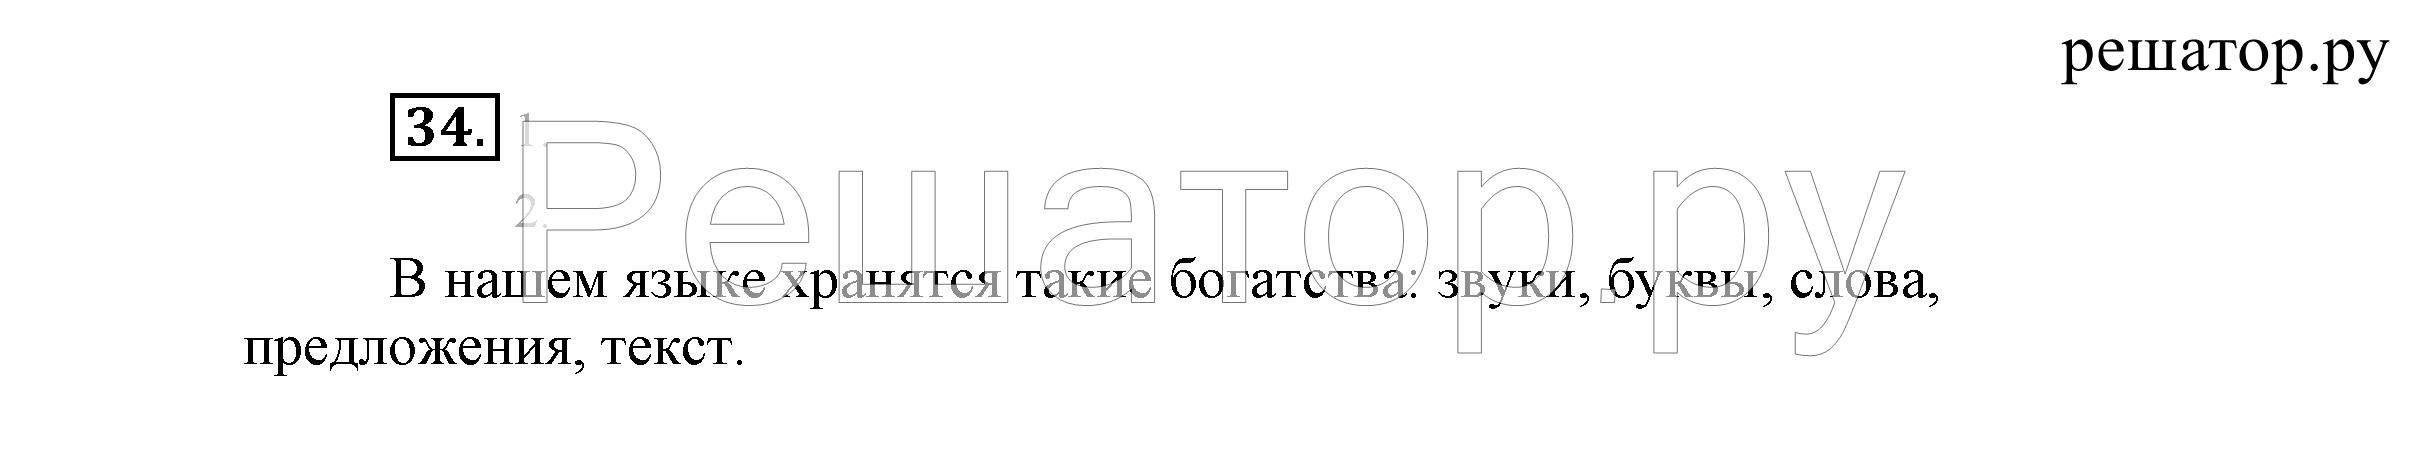 русский язык перспектива часть 1